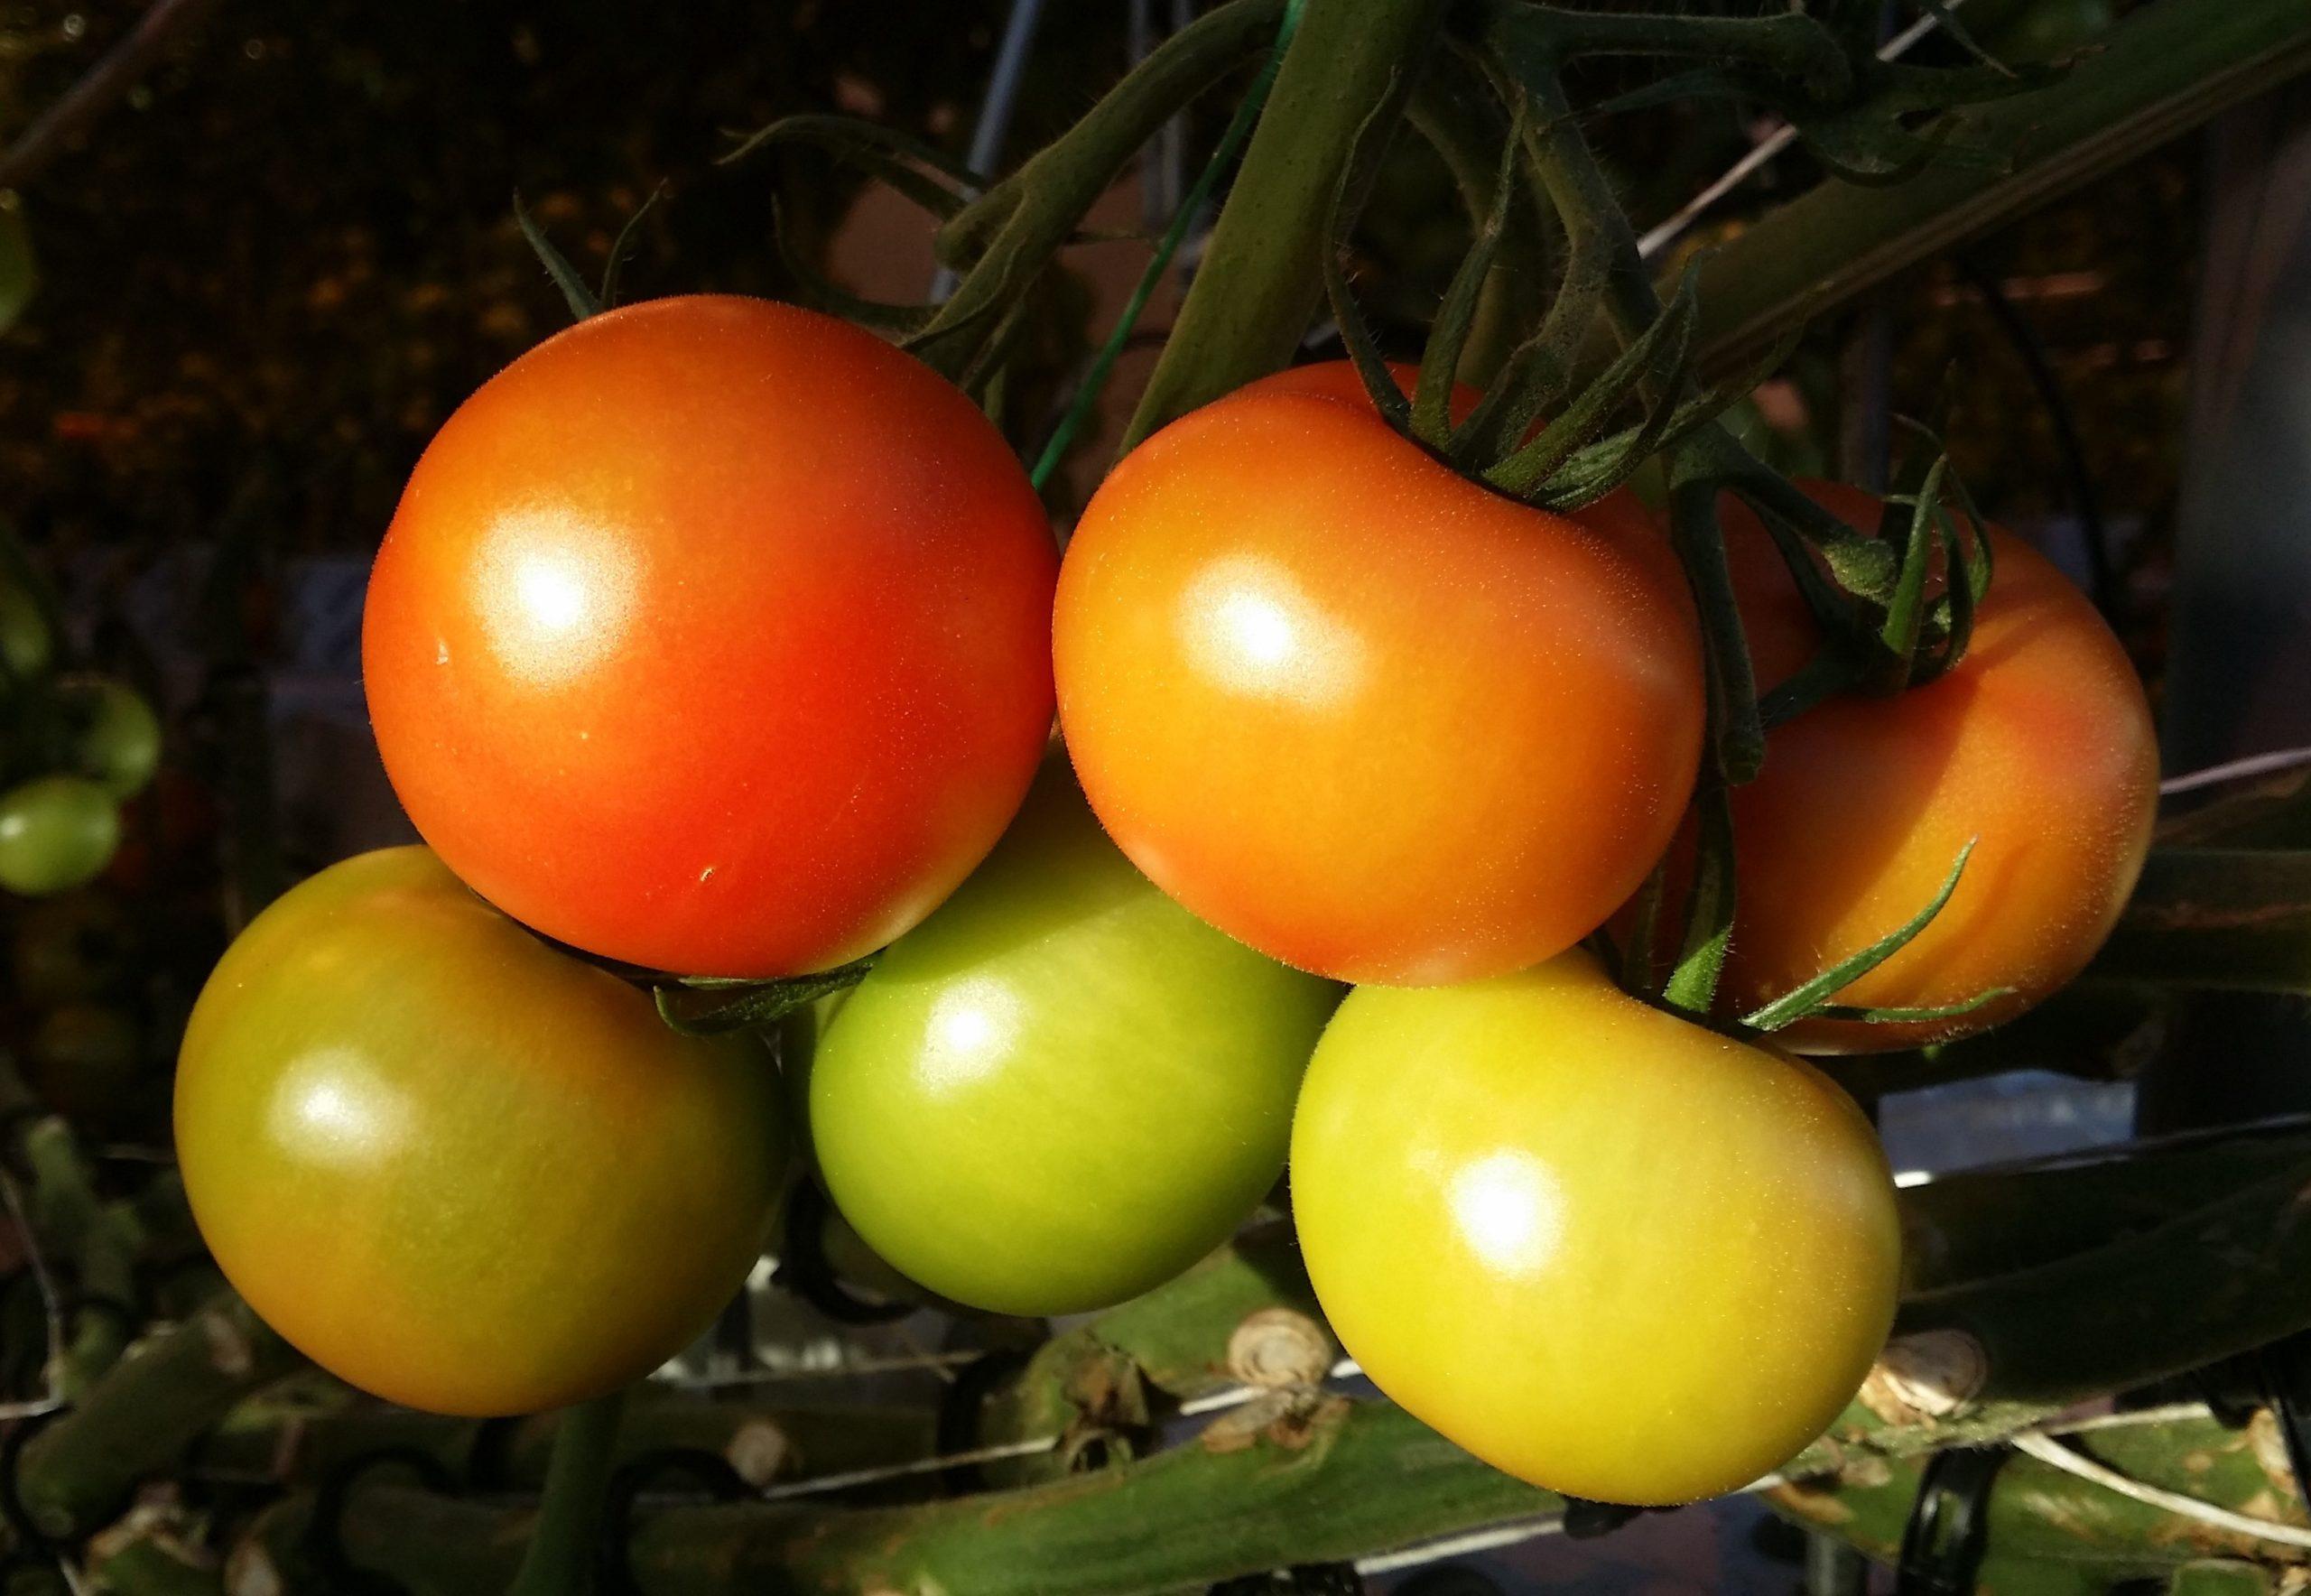 Nibio webbinarier om odling och marknadsföring av växthusgrönsaker